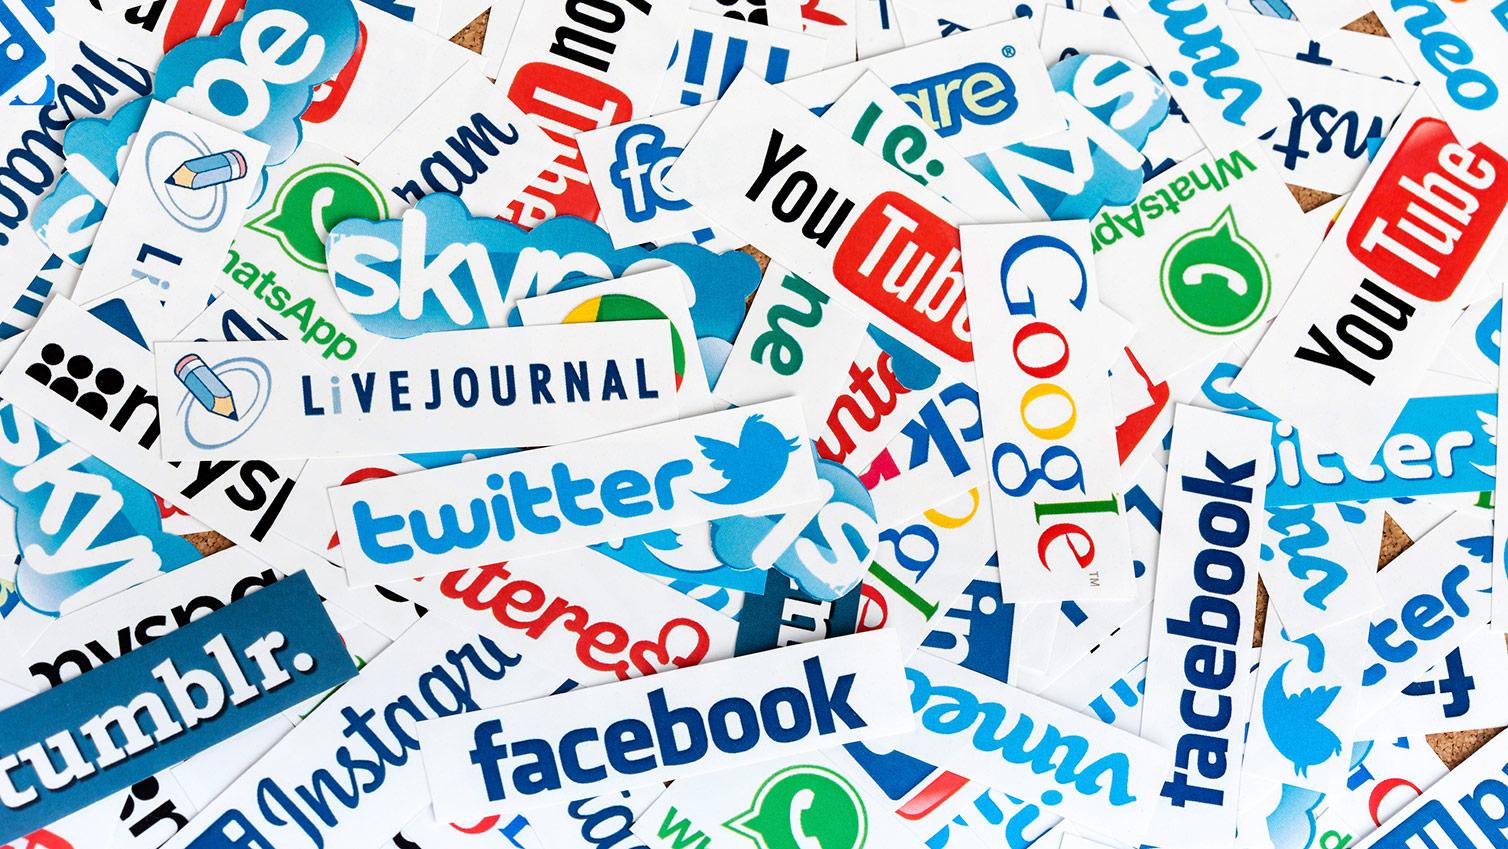 freedom in the social media